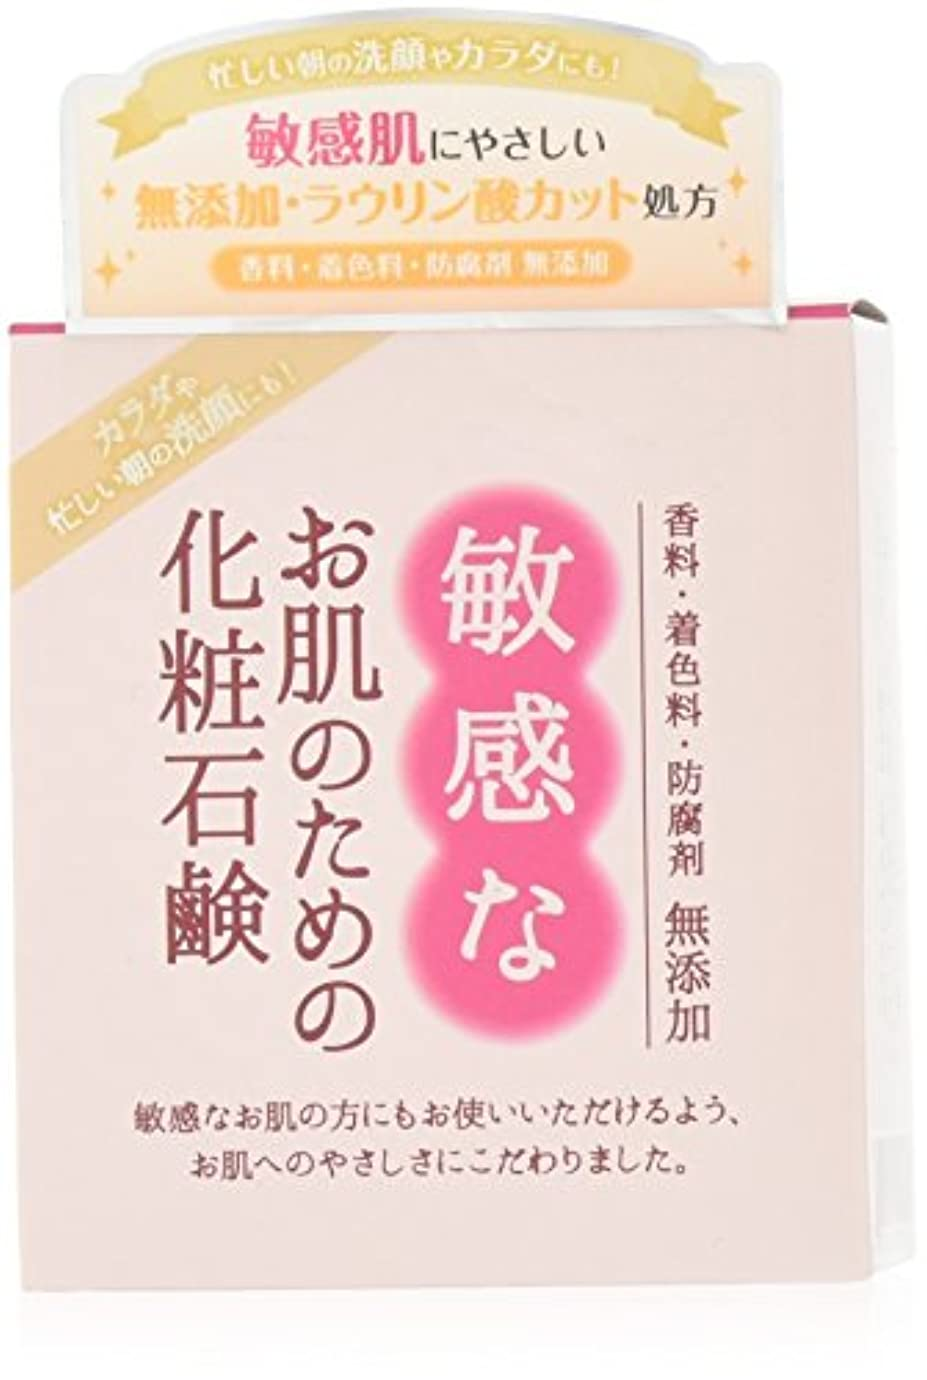 特異な解説支援敏感なお肌のための化粧石鹸 100g CBH-S